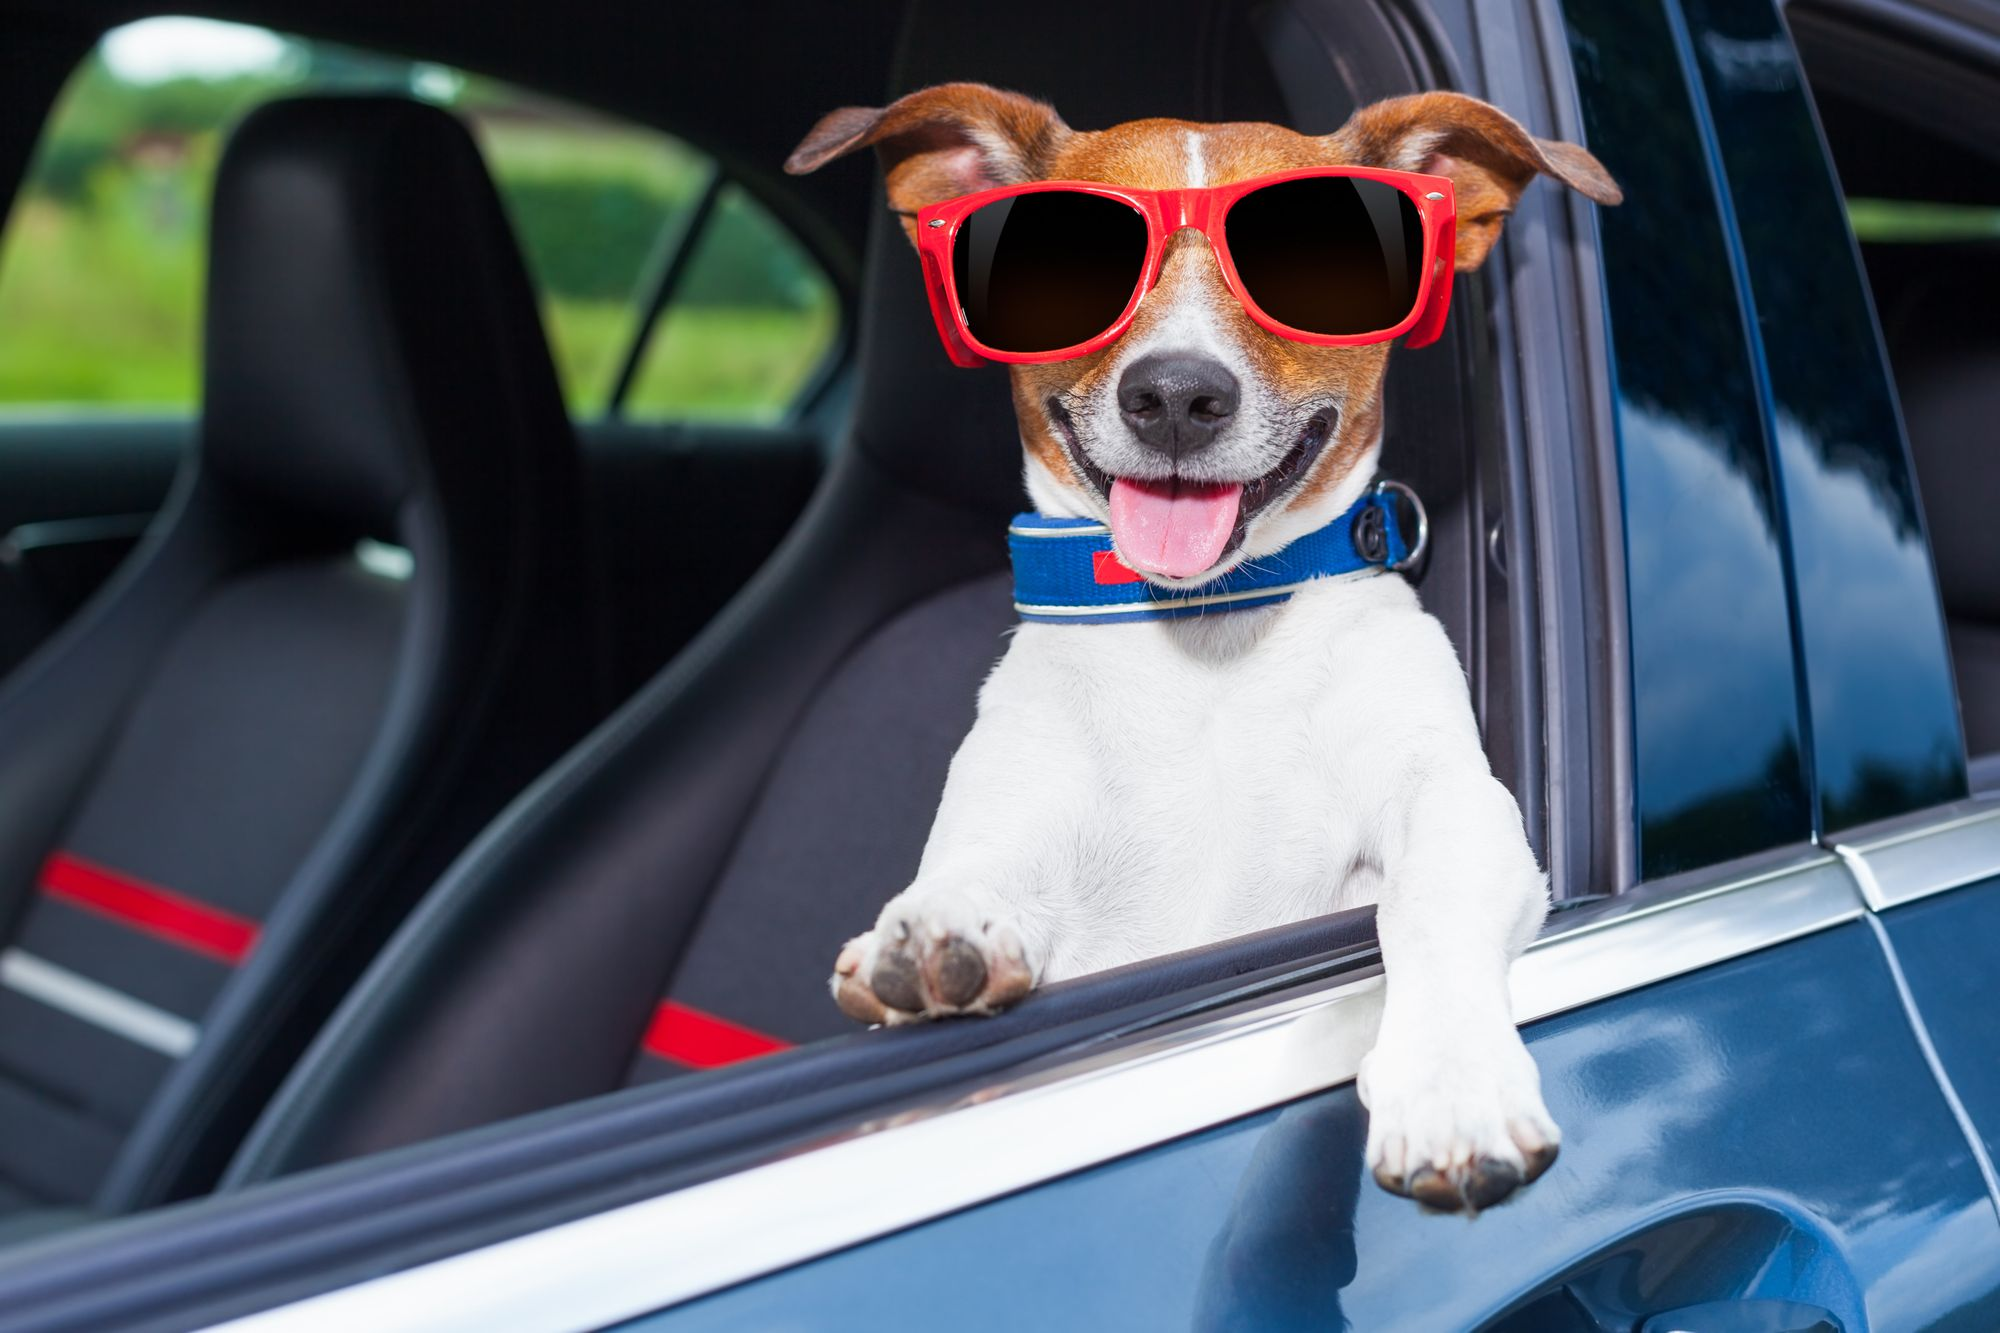 Recomendaciones para la seguridad de tu mascota al viajar en coche